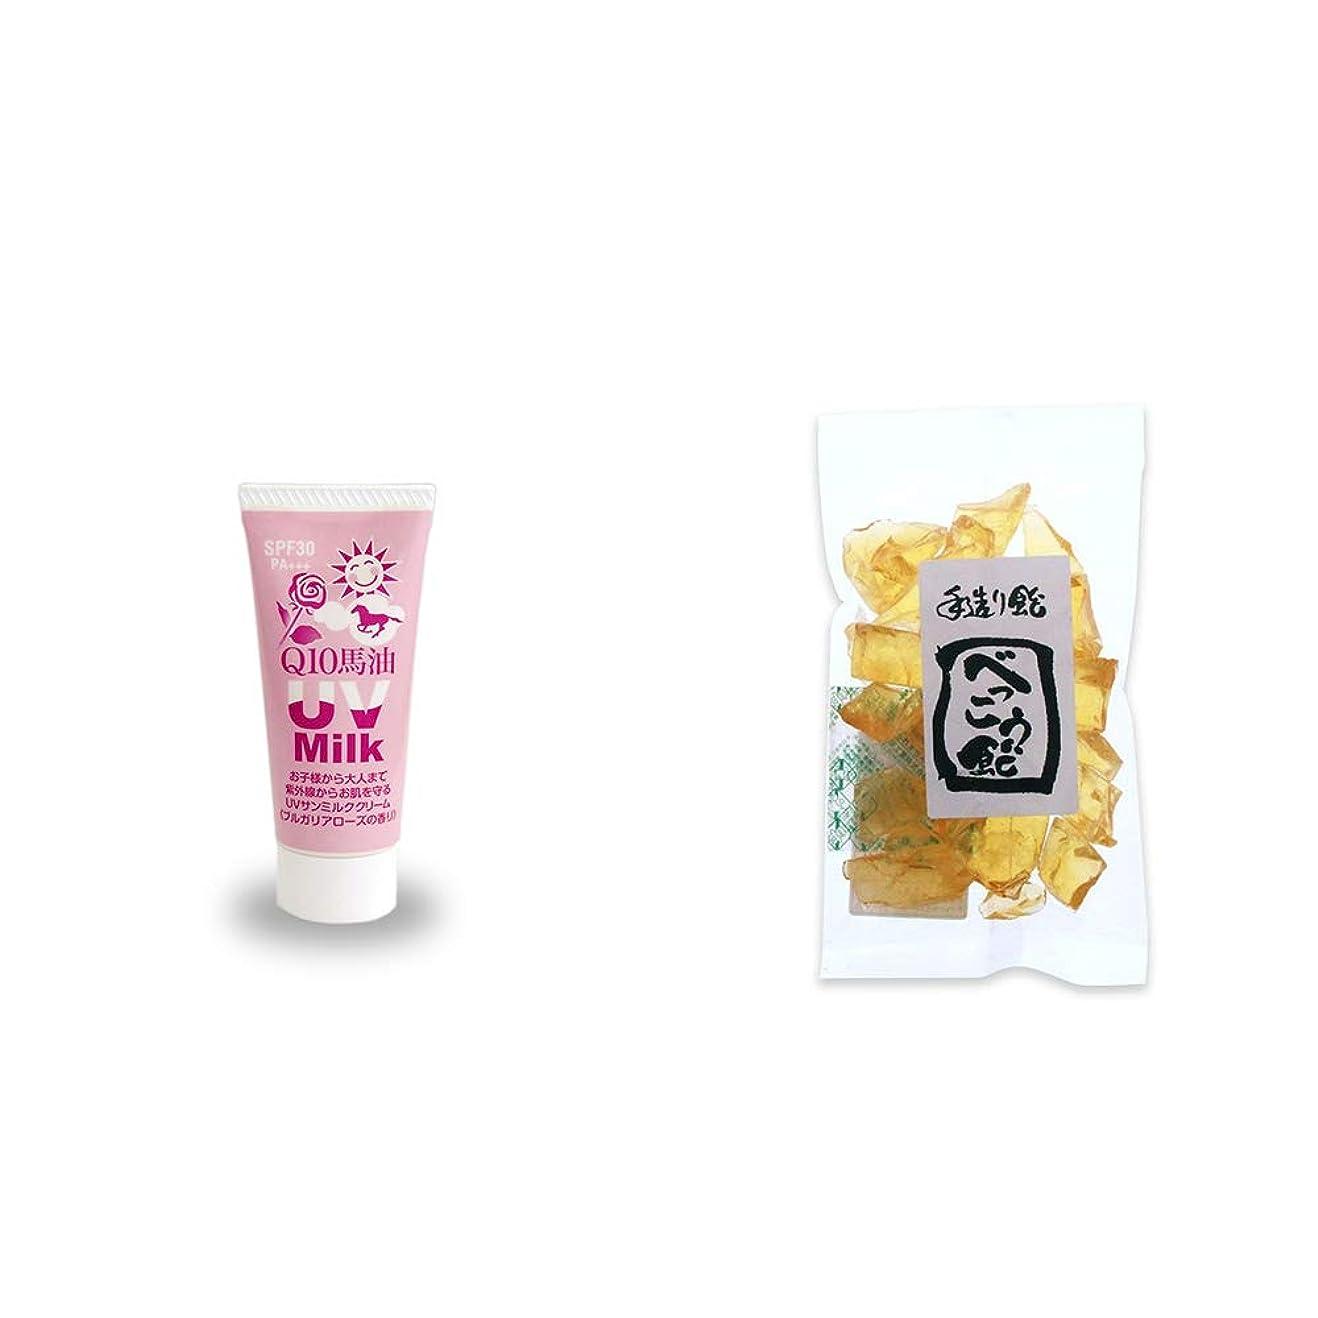 フレッシュ休日最愛の[2点セット] 炭黒泉 Q10馬油 UVサンミルク[ブルガリアローズ](40g)?べっこう飴(160g)